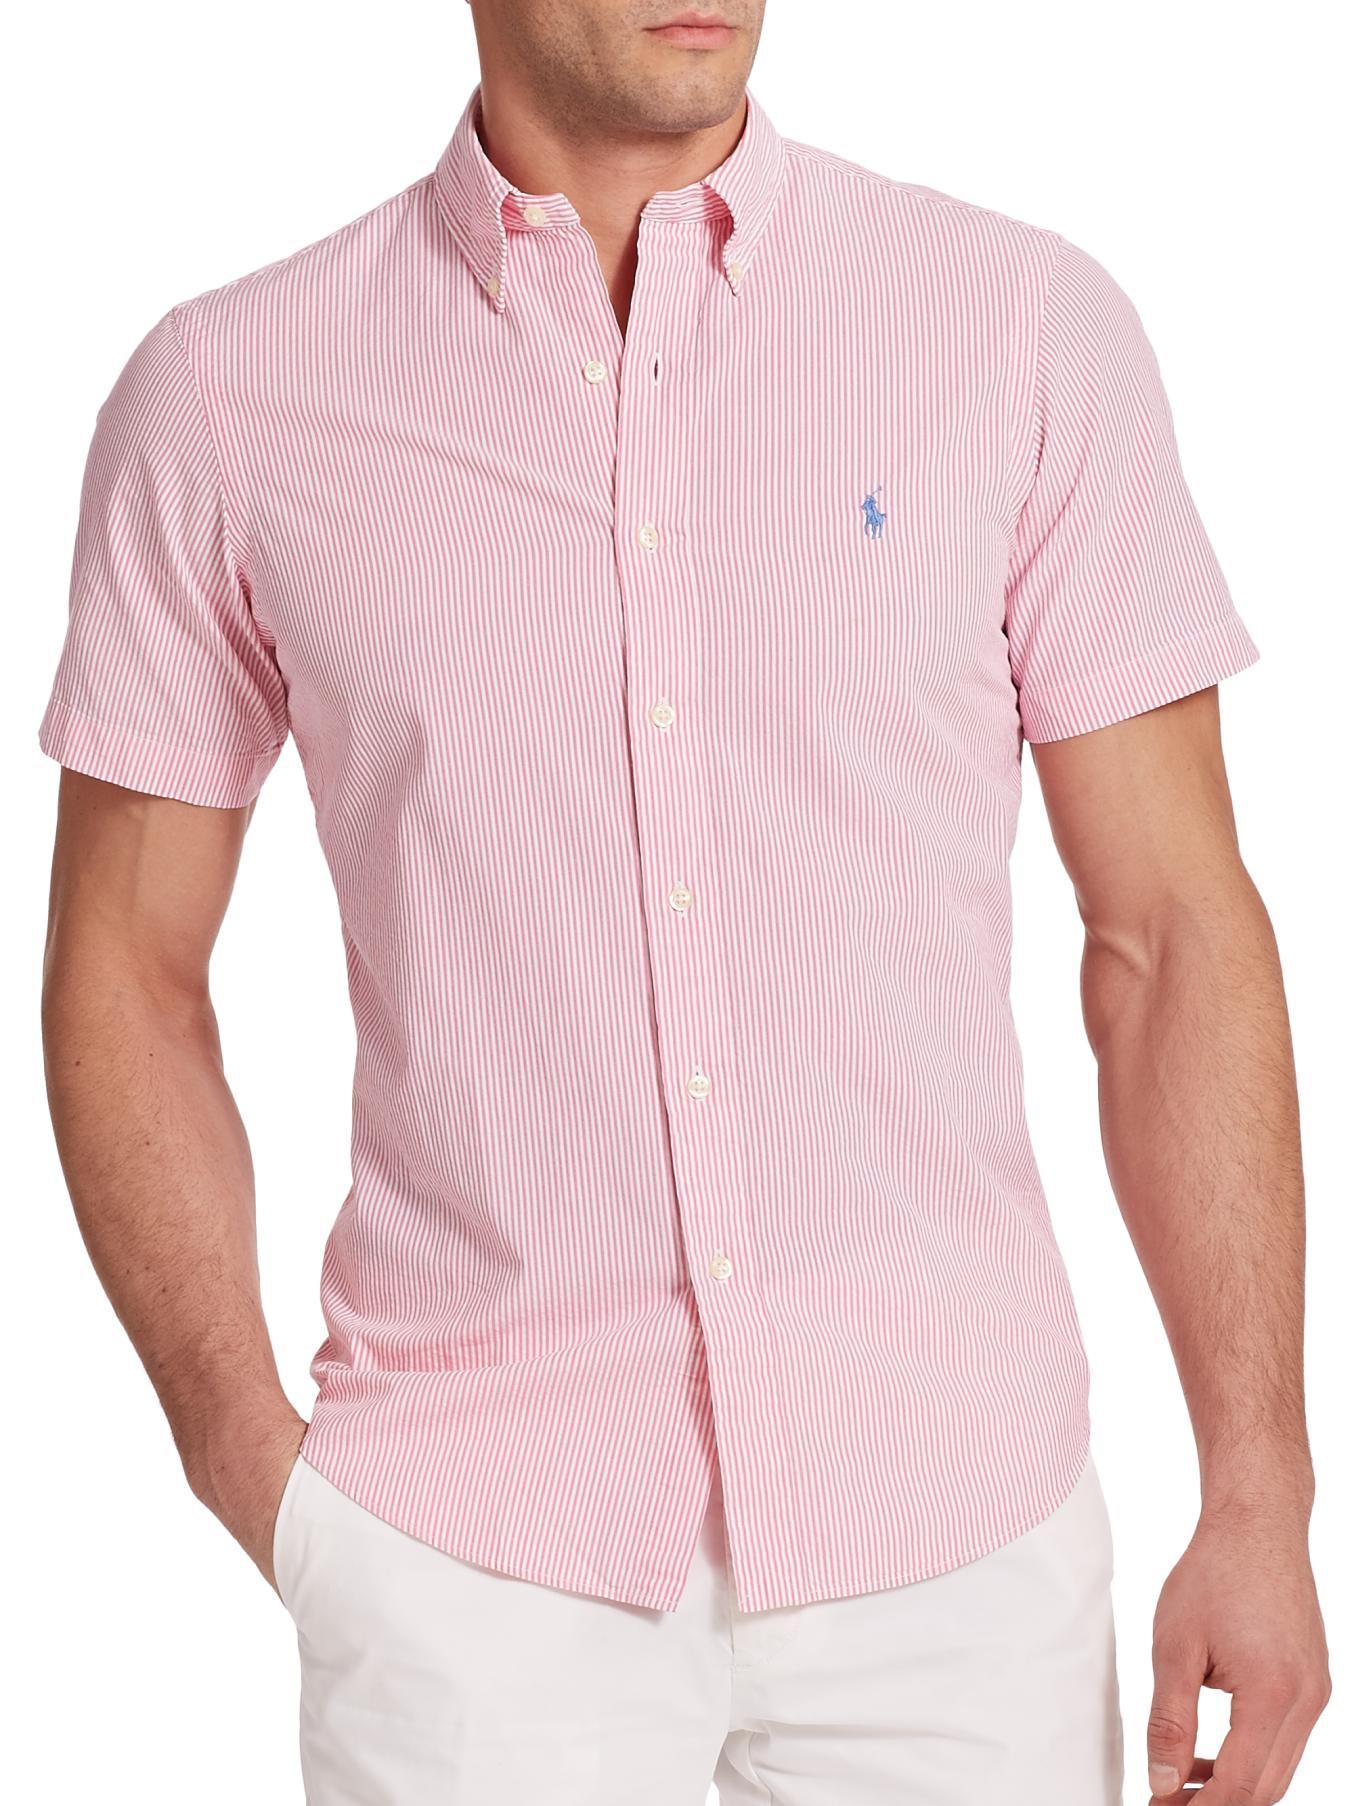 Polo ralph lauren Striped Seersucker Sportshirt in Pink for Men | Lyst